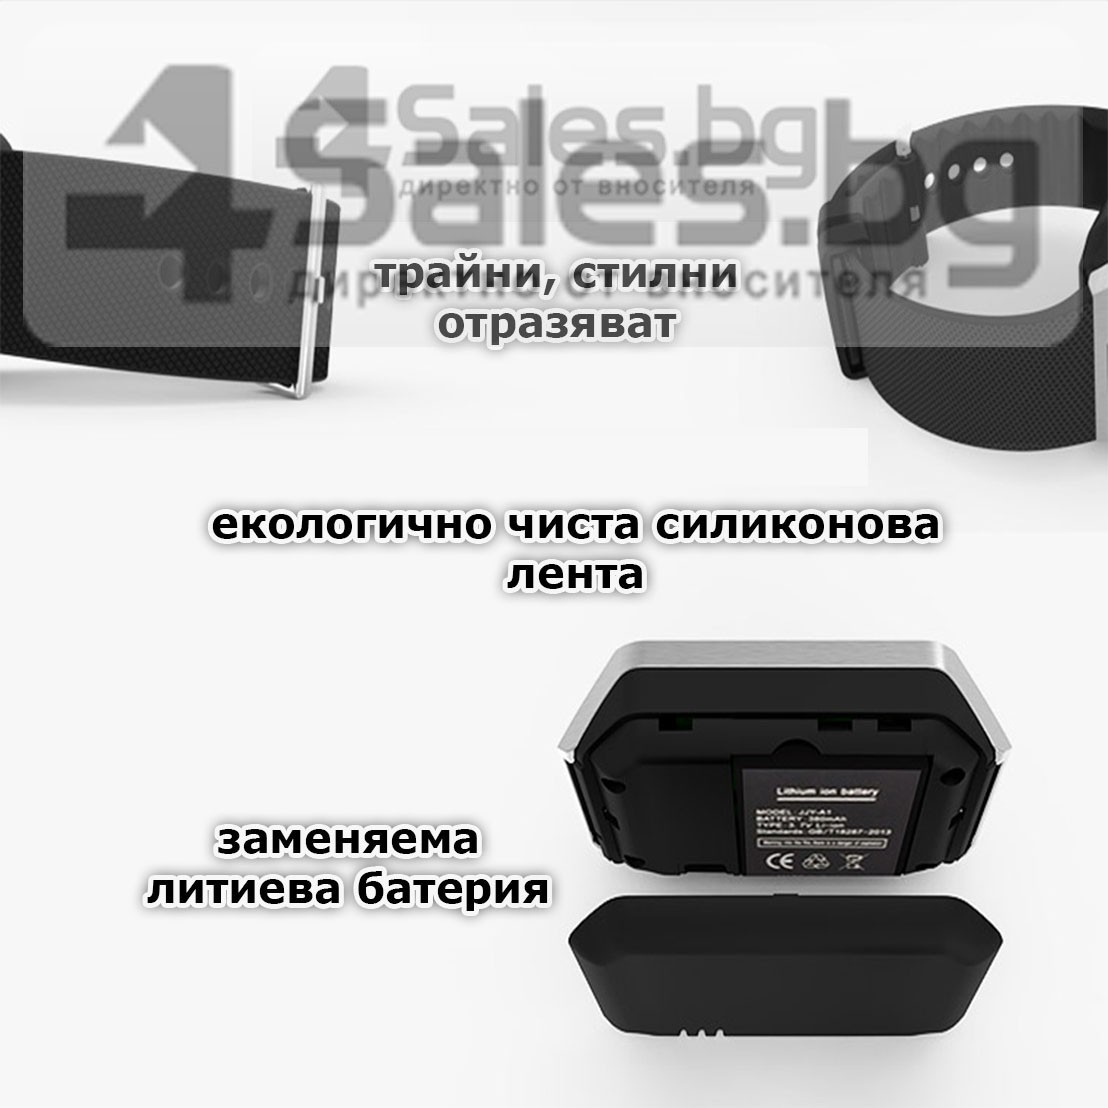 Смарт Часовник телефон с камера и сим карта Оригинален продукт dz09 на Български 40